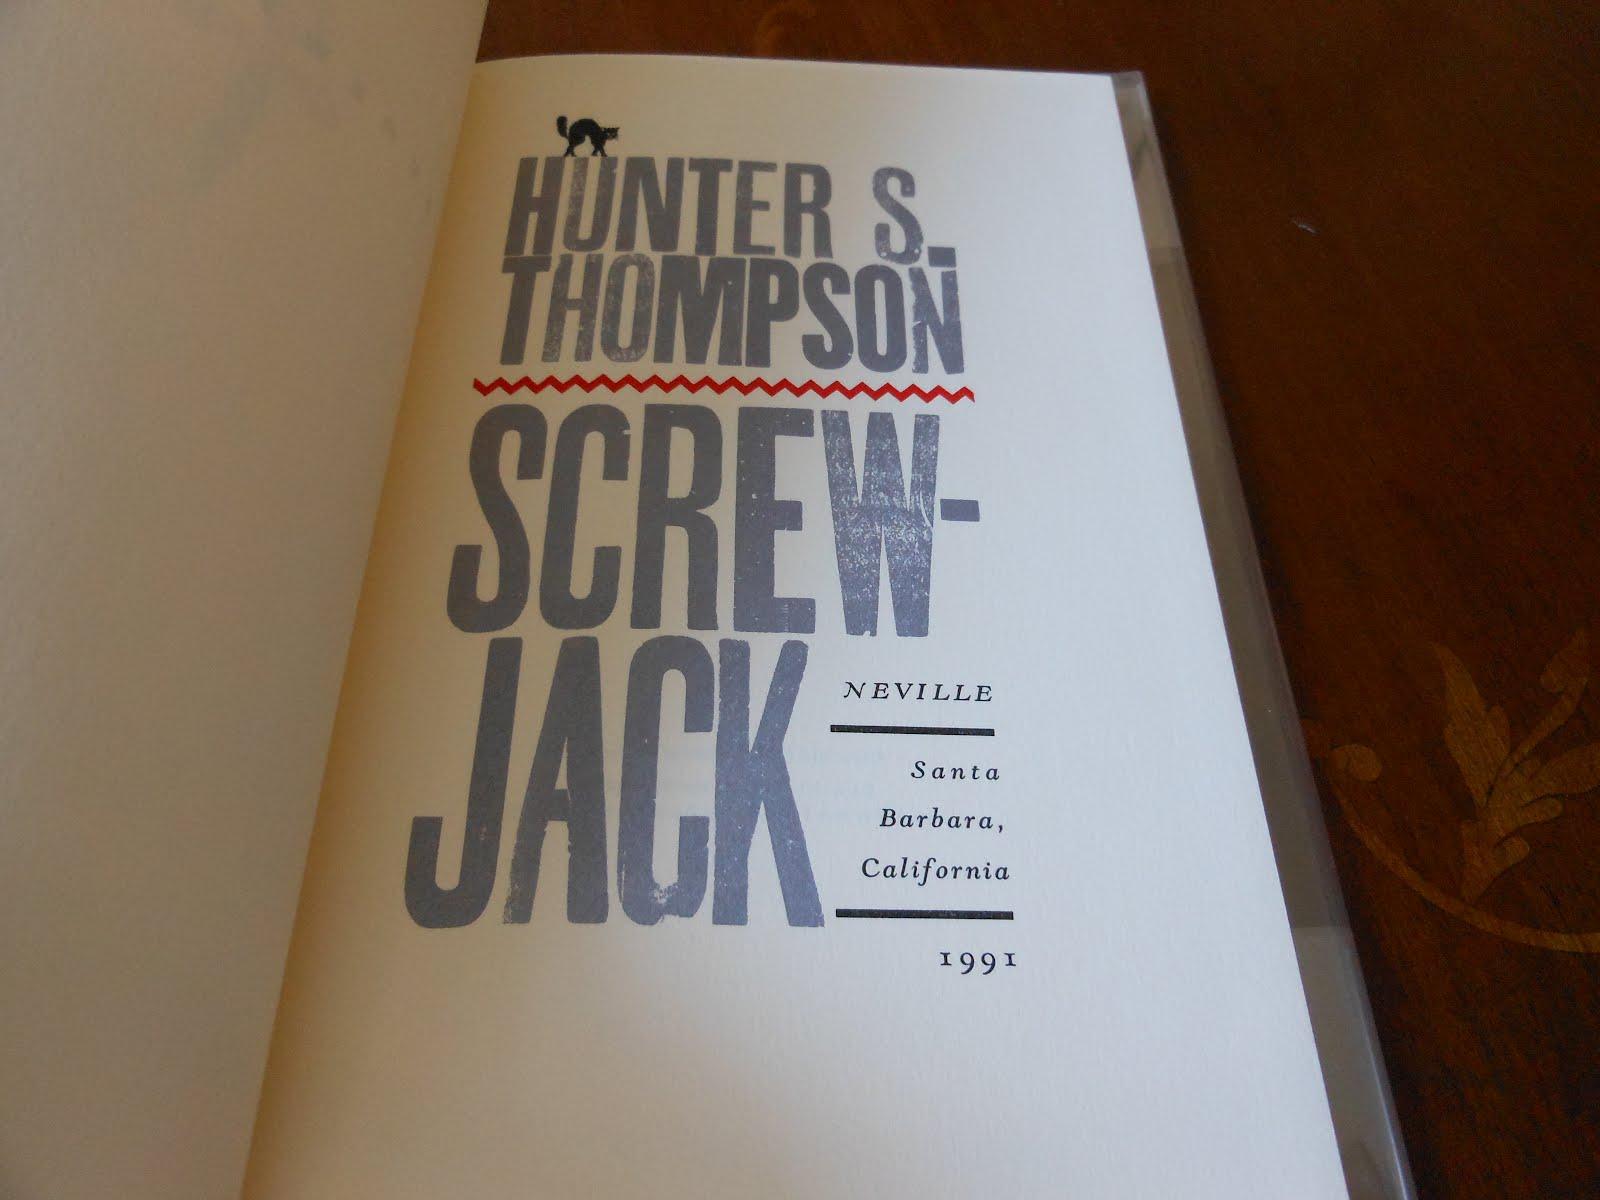 Thompson, Hunter S  - Screwjack